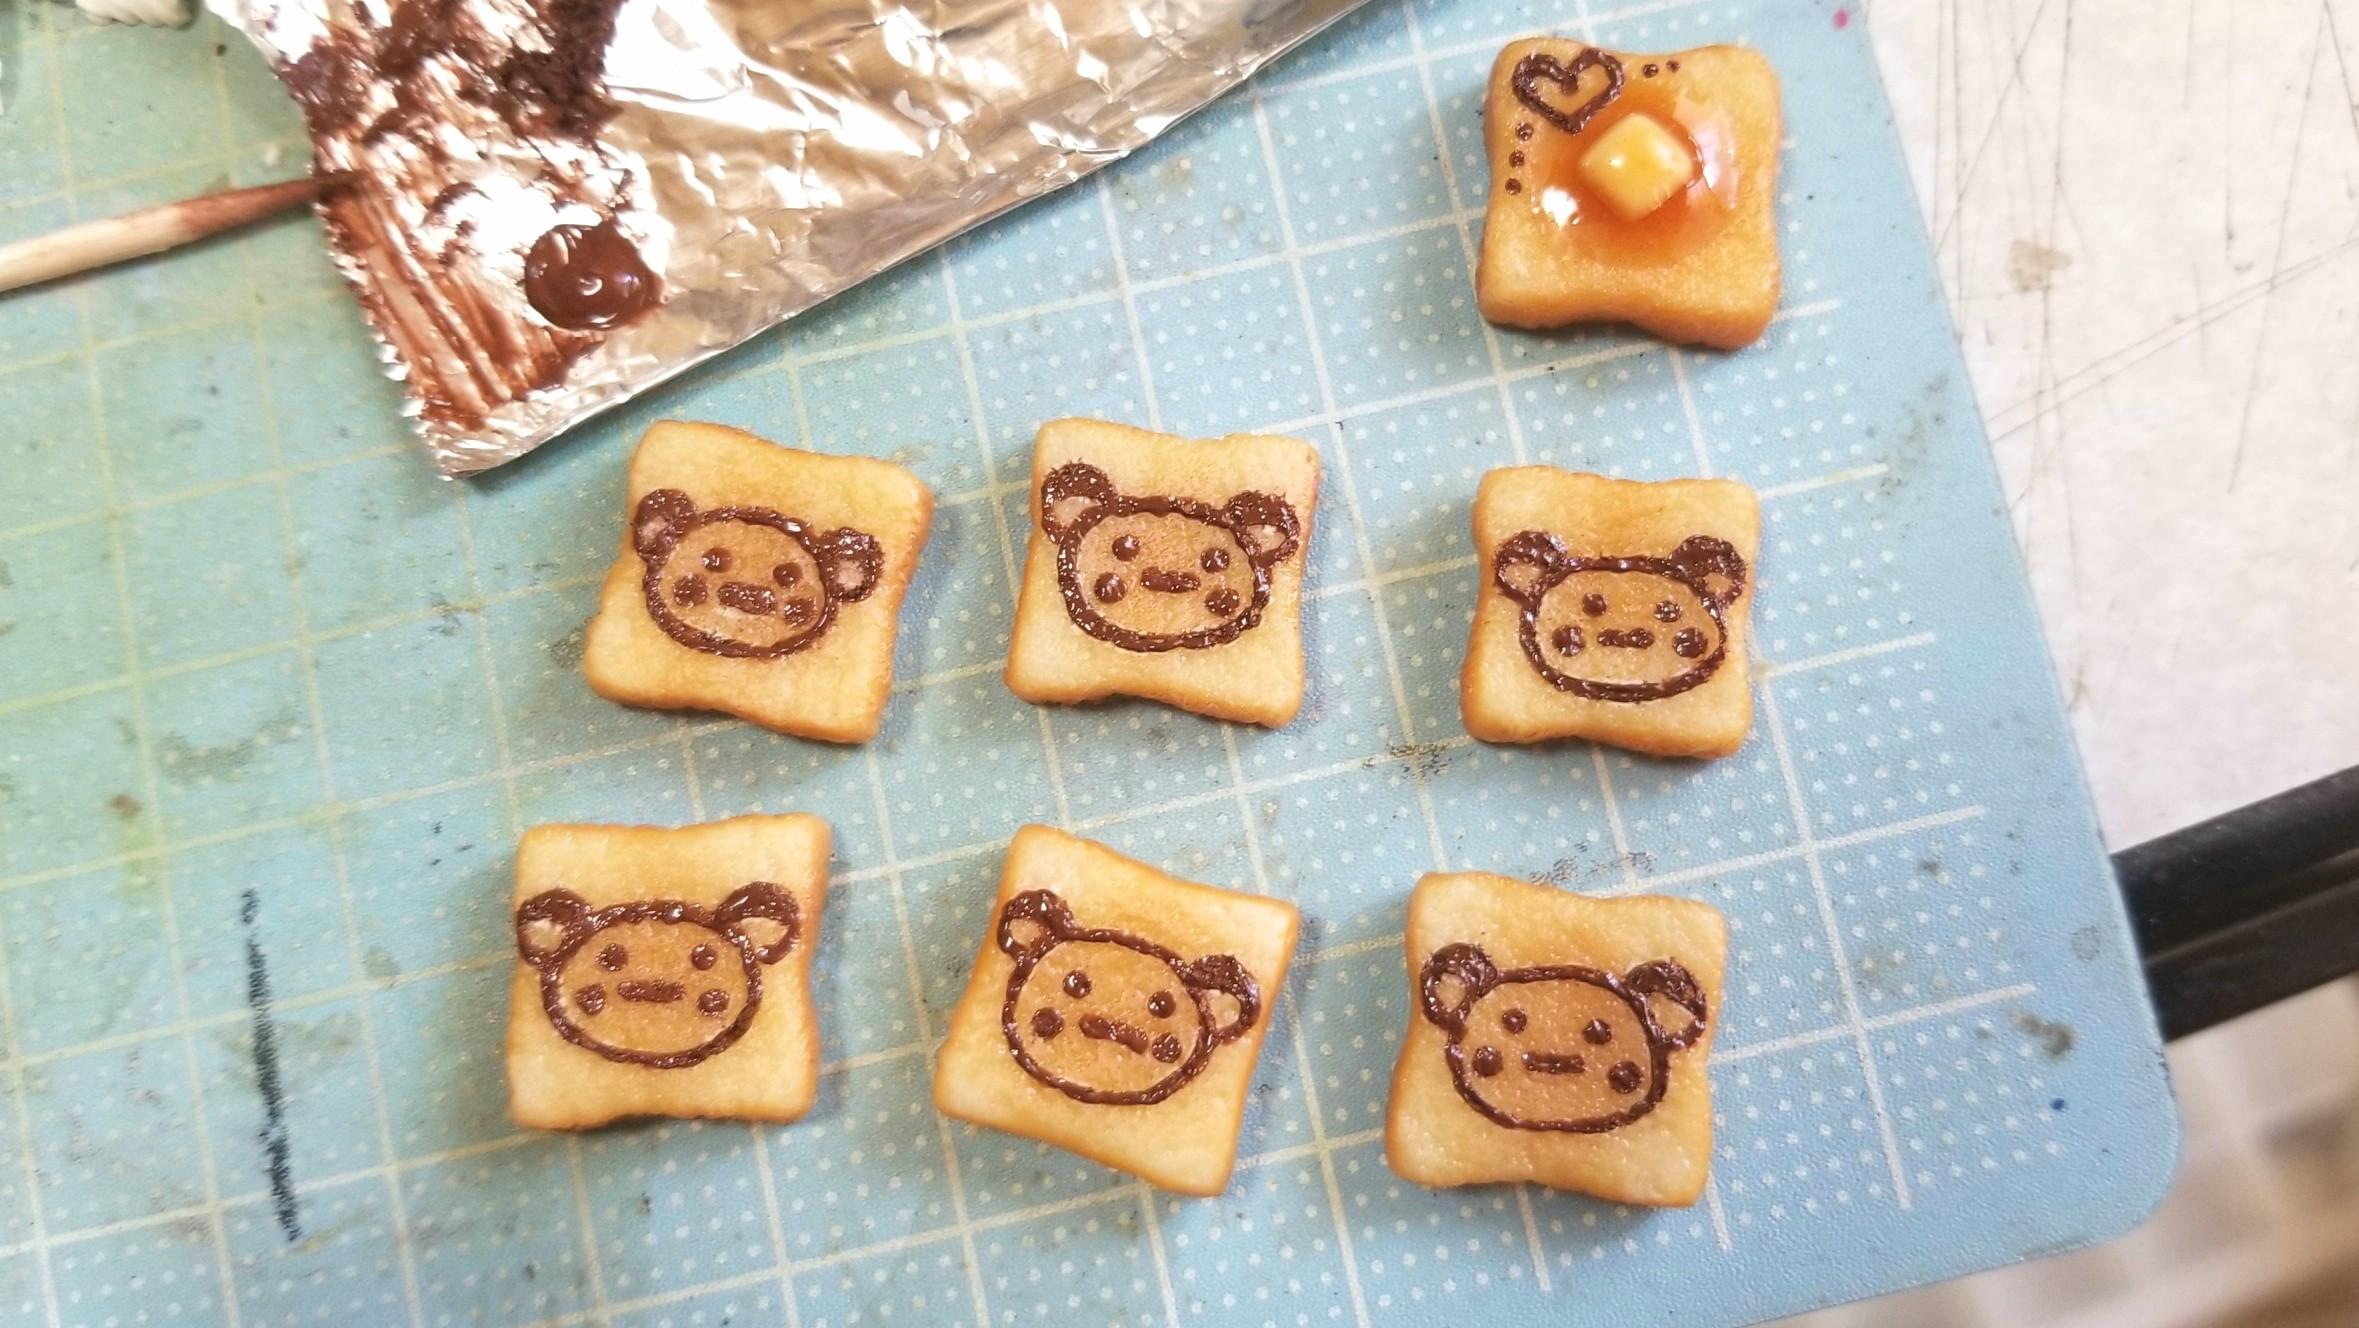 ミニチュアフードの作り方,食パントースト,かわいい小物,自作アート